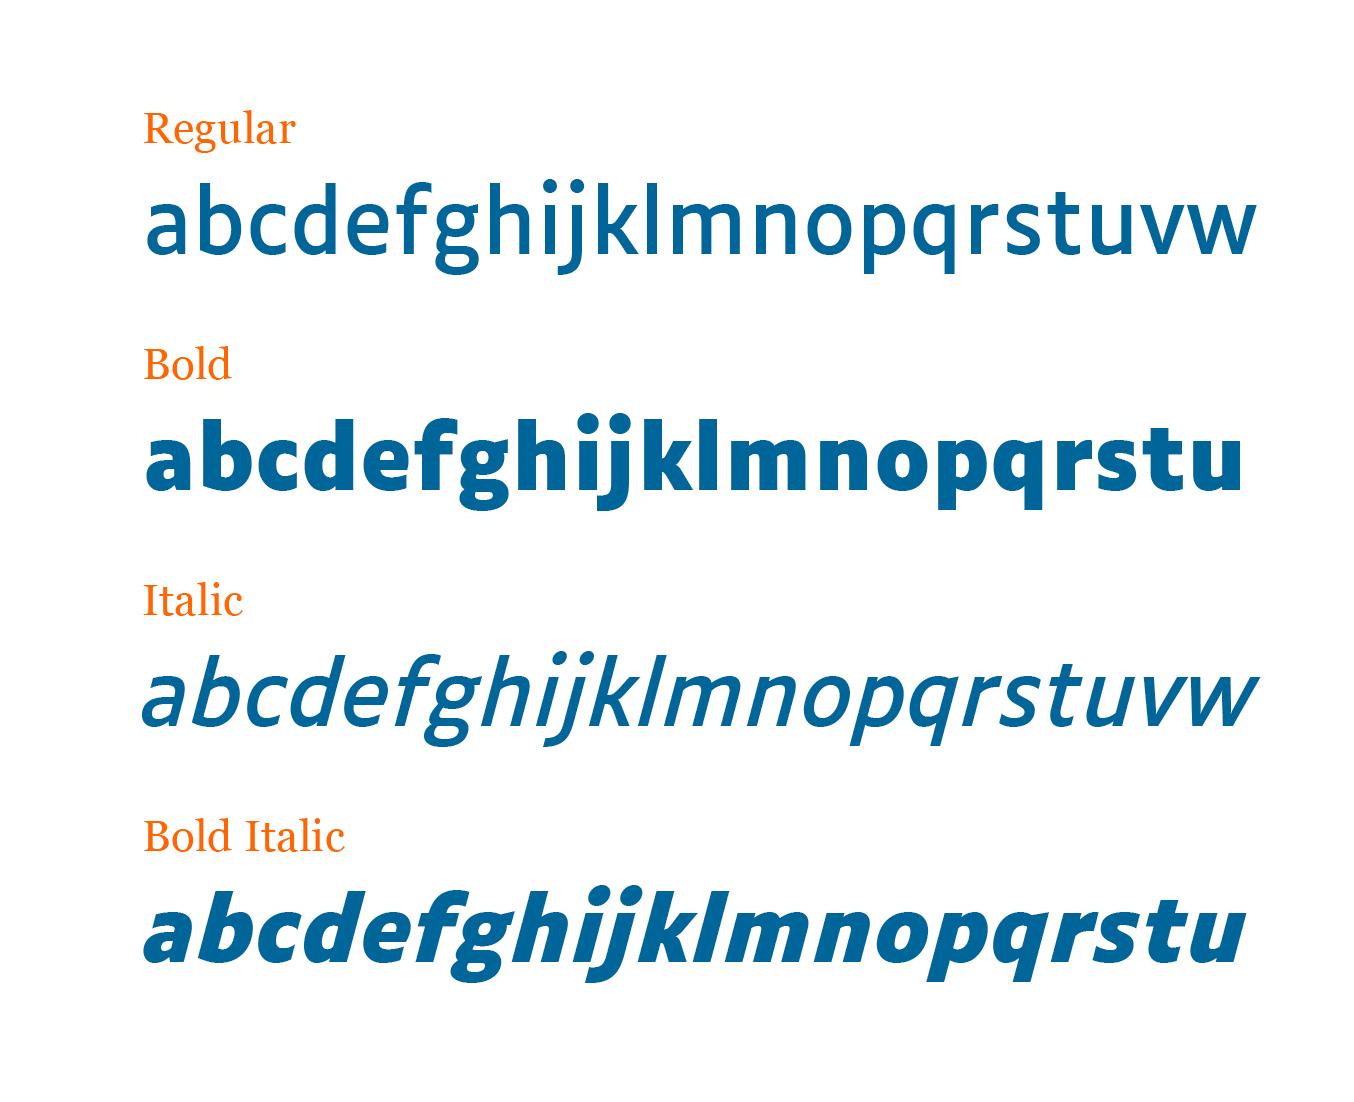 https://actualitte.com/uploads/images/luciole-typeface-04-b0fe8819-c623-4328-a47f-959cd530d1cb.jpg